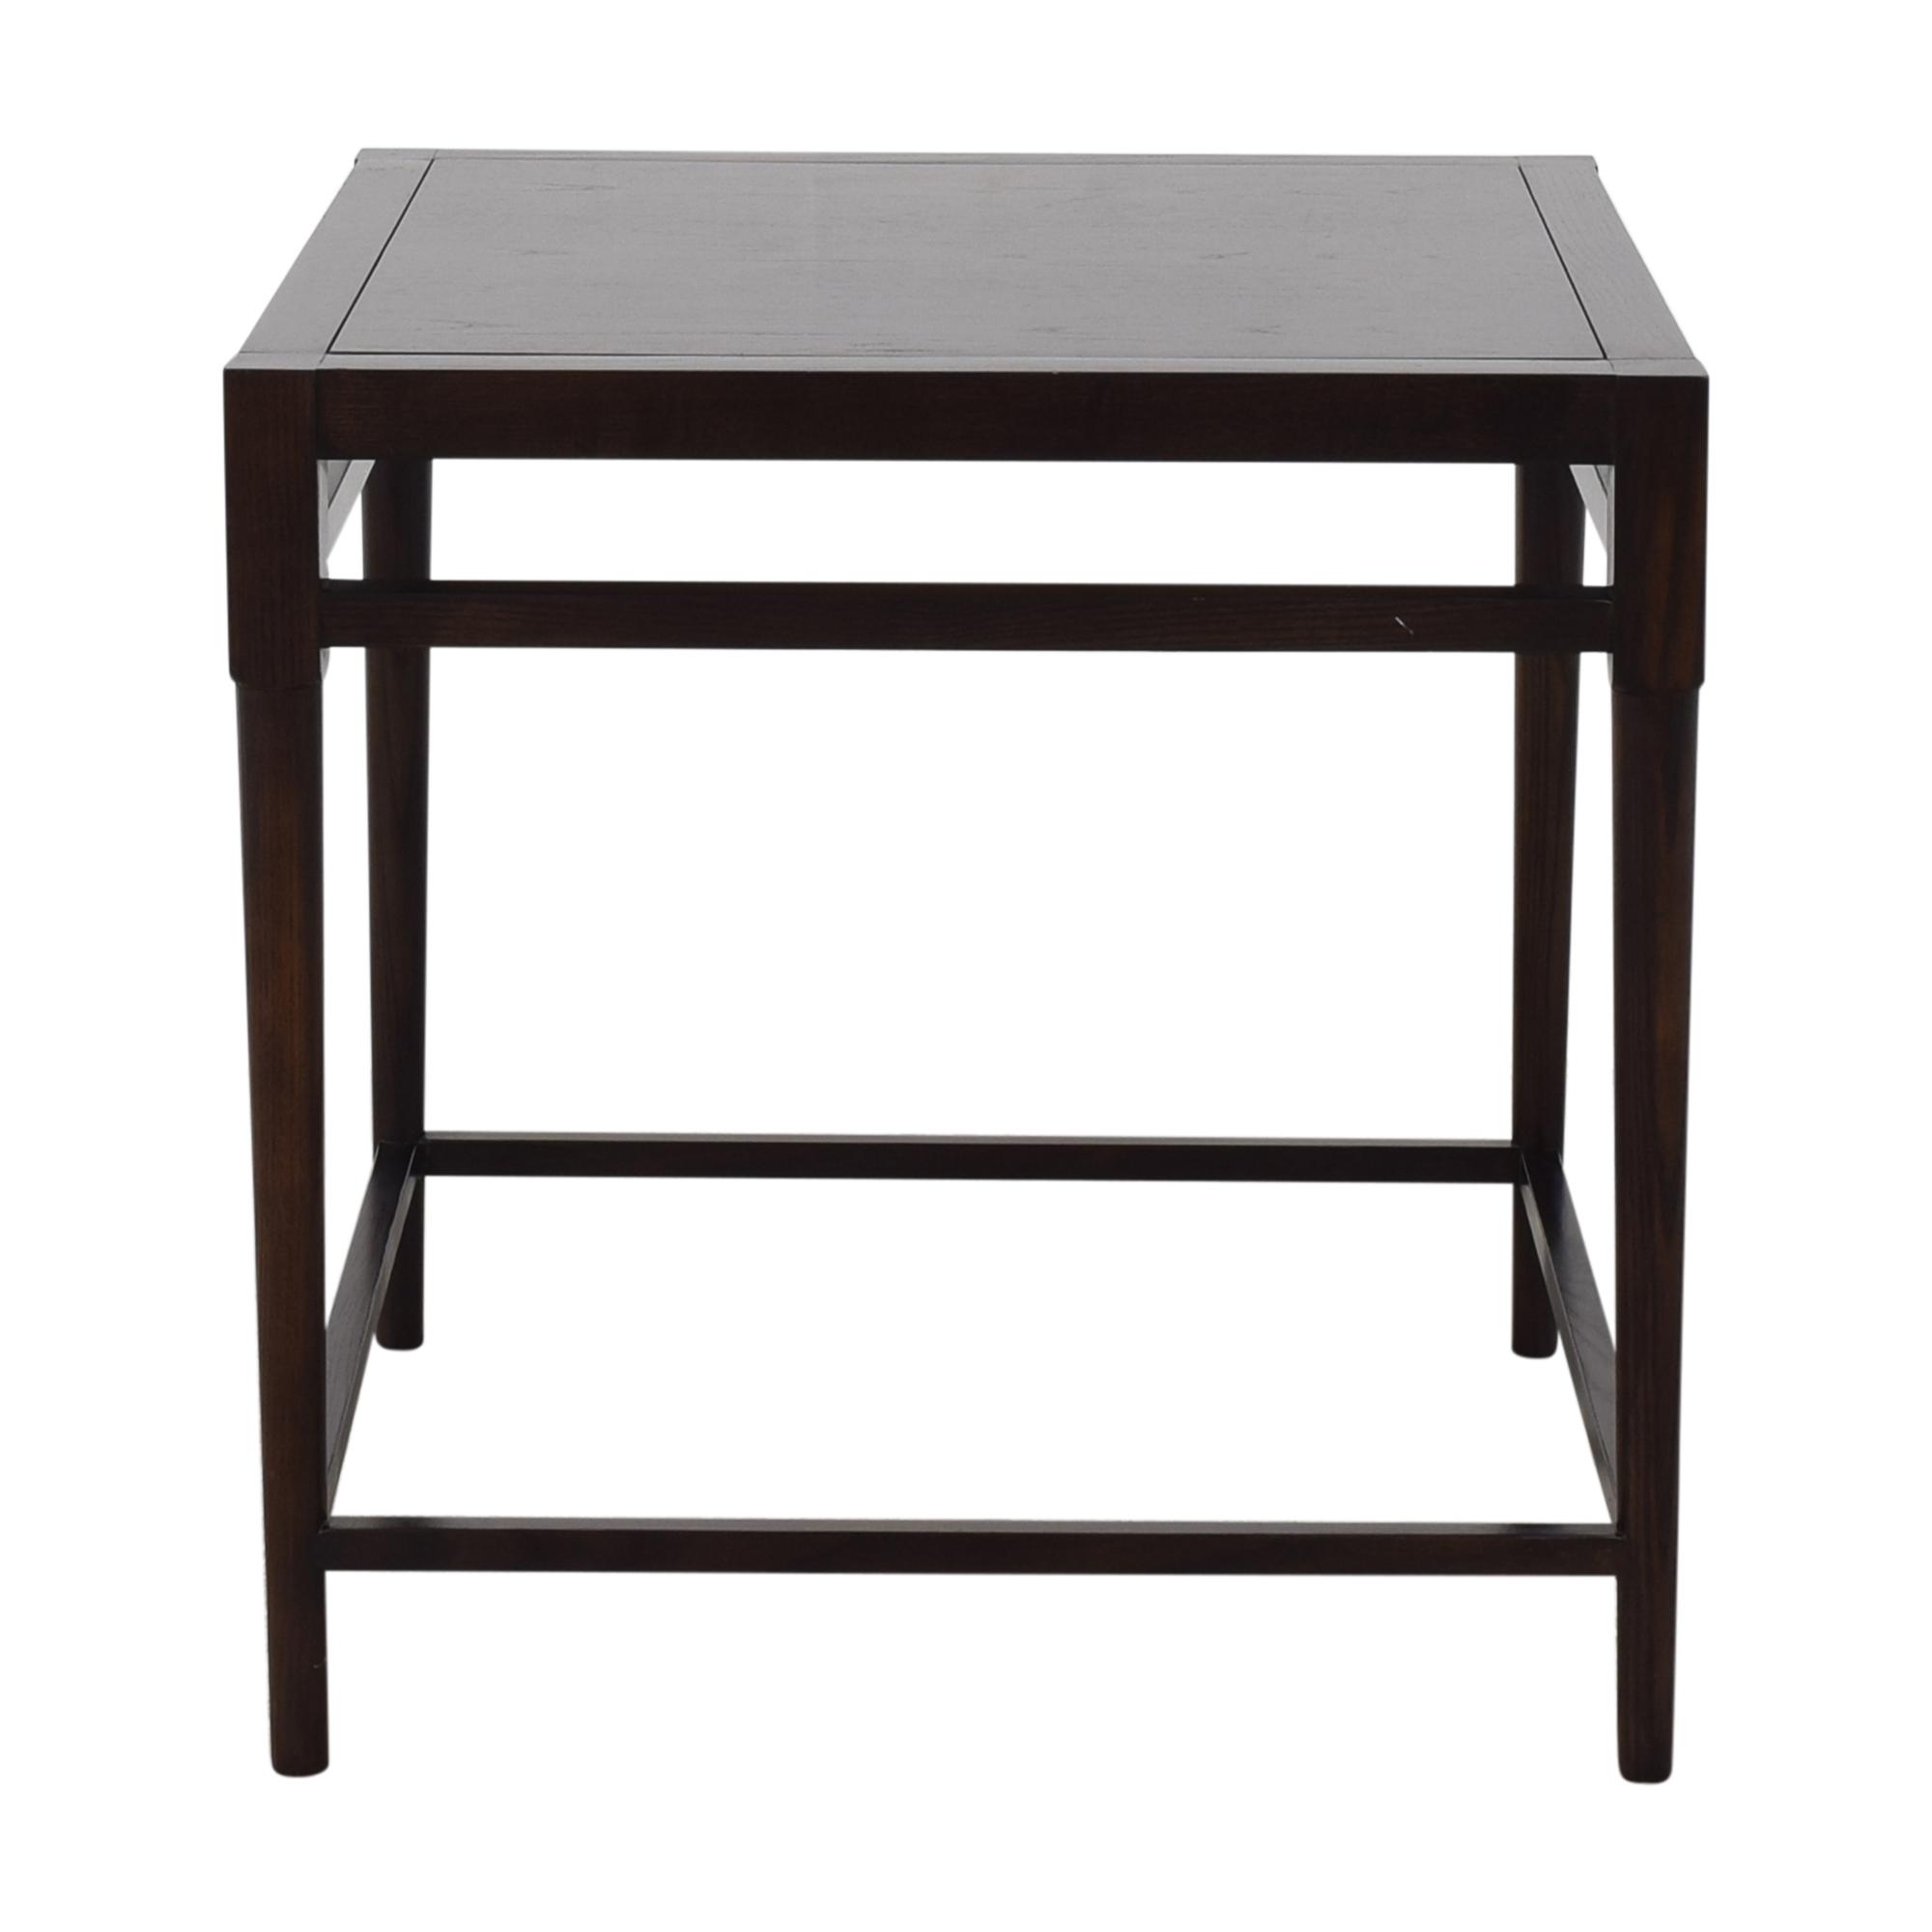 CTH Sherrill Occasional Furniture CTH Sherrill Occasional Furniture End Table ct